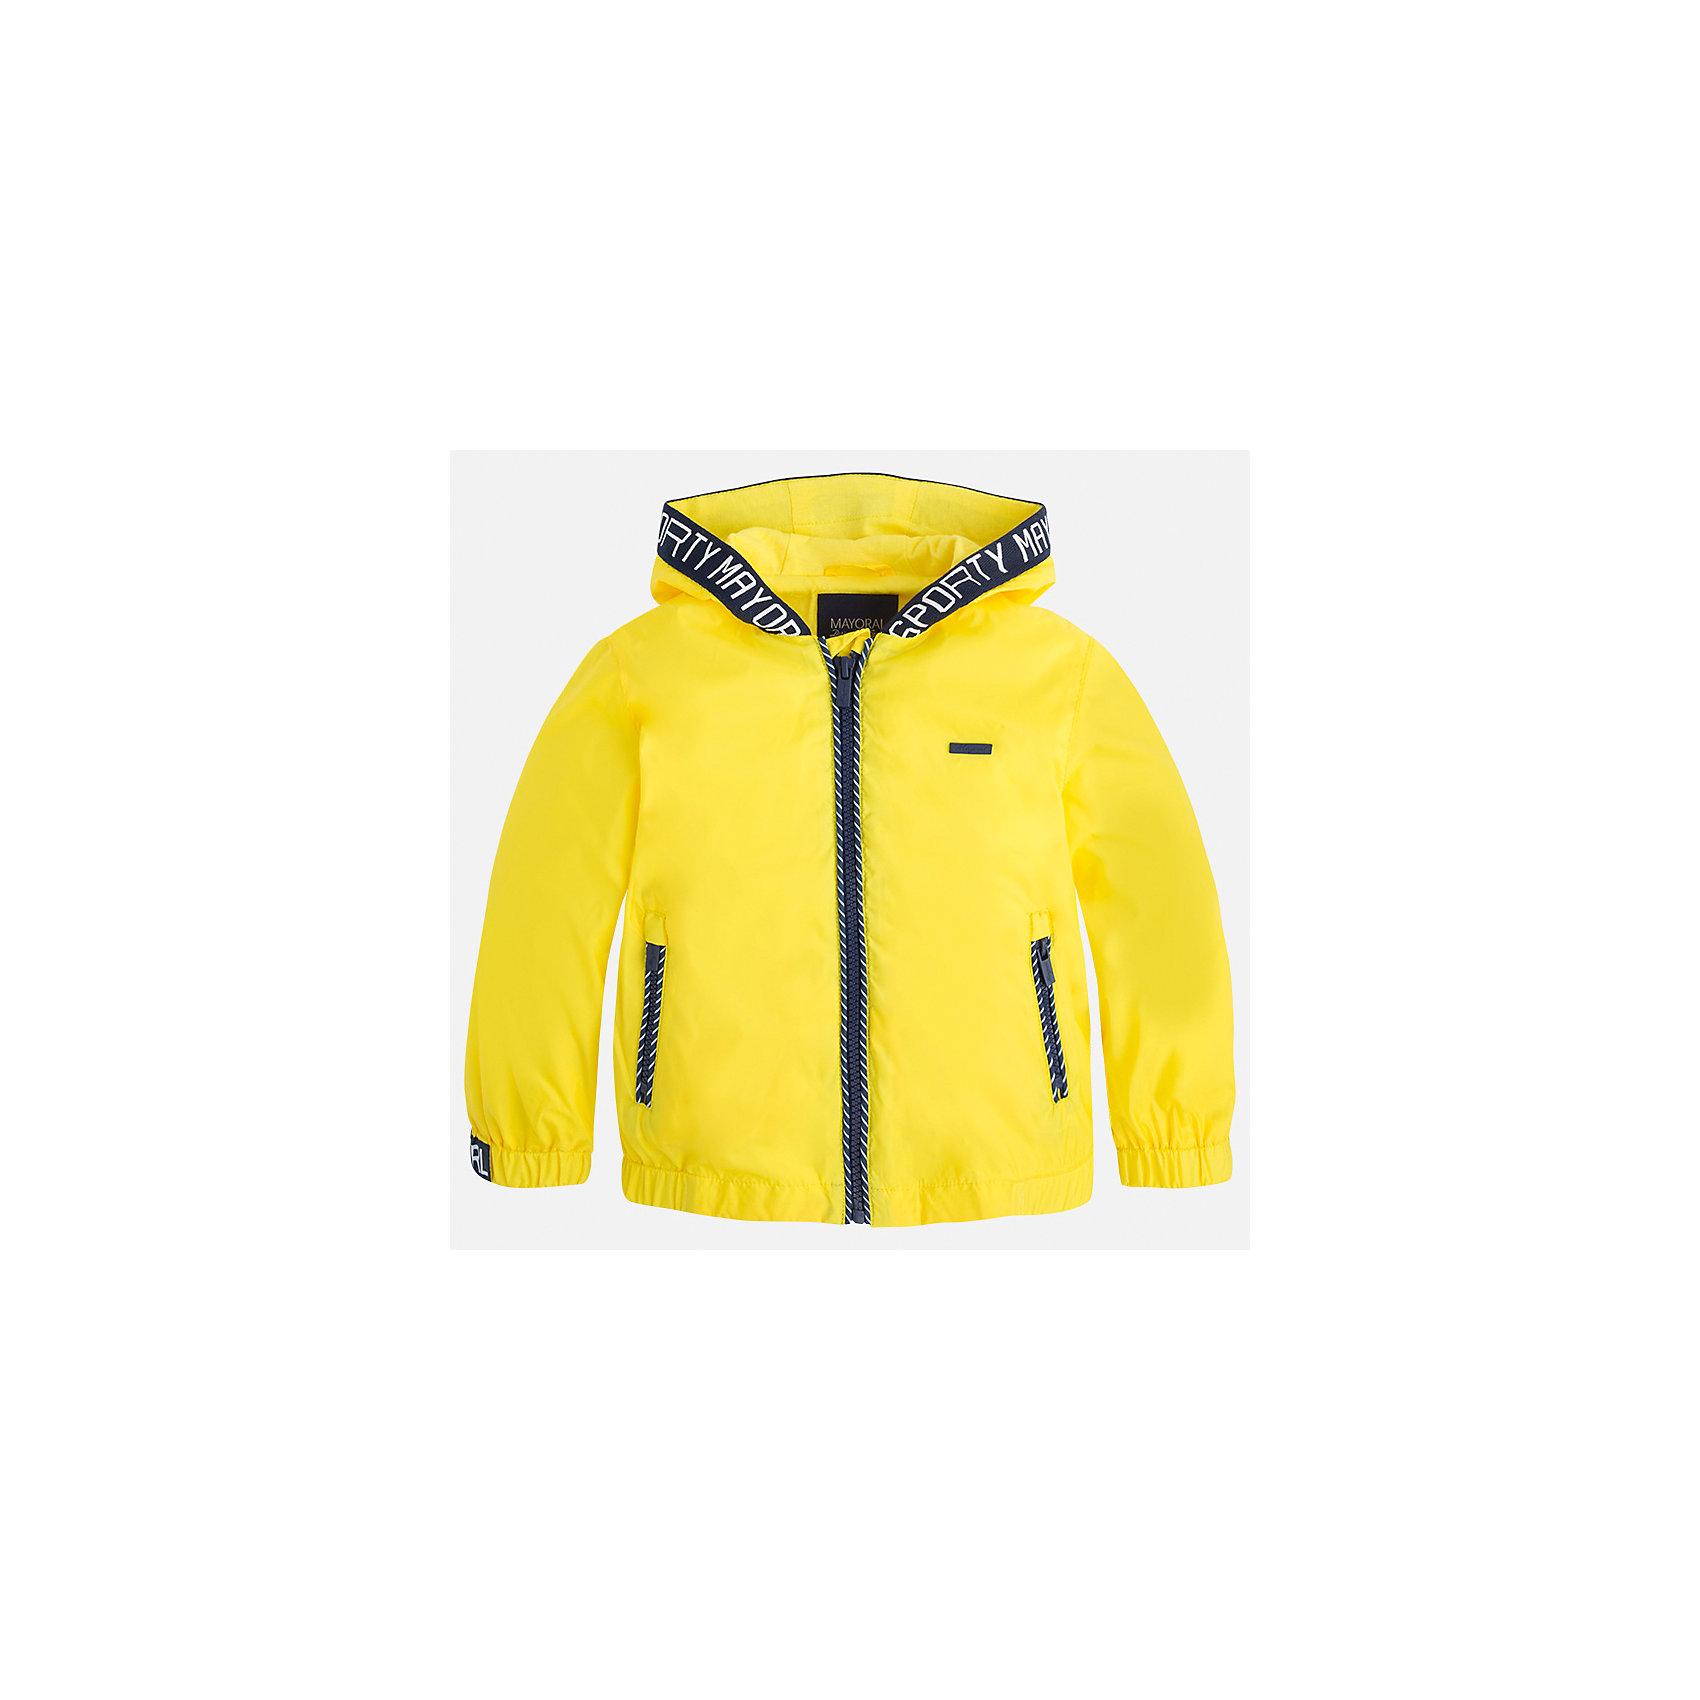 Ветровка для мальчика MayoralХарактеристики товара:<br><br>• цвет: желтый<br>• состав: 100% полиэстер, подкладка - 100% хлопок<br>• температурный режим: от +20° до +10°С<br>• рукава длинные <br>• карманы<br>• молния <br>• капюшон<br>• страна бренда: Испания<br><br>Теплая одежда может быть очень стильной! Удобная и красивая ветровка для мальчика поможет разнообразить гардероб ребенка и обеспечить комфорт. Она отлично сочетается и с джинсами, и с брюками. Универсальный цвет позволяет подобрать к вещи низ различных расцветок. Интересная отделка модели делает её нарядной и оригинальной. В составе материала - натуральный хлопок, гипоаллергенный, приятный на ощупь, дышащий.<br><br>Одежда, обувь и аксессуары от испанского бренда Mayoral полюбились детям и взрослым по всему миру. Модели этой марки - стильные и удобные. Для их производства используются только безопасные, качественные материалы и фурнитура. Порадуйте ребенка модными и красивыми вещами от Mayoral! <br><br>Ветровку для мальчика от испанского бренда Mayoral (Майорал) можно купить в нашем интернет-магазине.<br><br>Ширина мм: 356<br>Глубина мм: 10<br>Высота мм: 245<br>Вес г: 519<br>Цвет: желтый<br>Возраст от месяцев: 18<br>Возраст до месяцев: 24<br>Пол: Мужской<br>Возраст: Детский<br>Размер: 92,98,134,128,104,122,116,110<br>SKU: 5280747